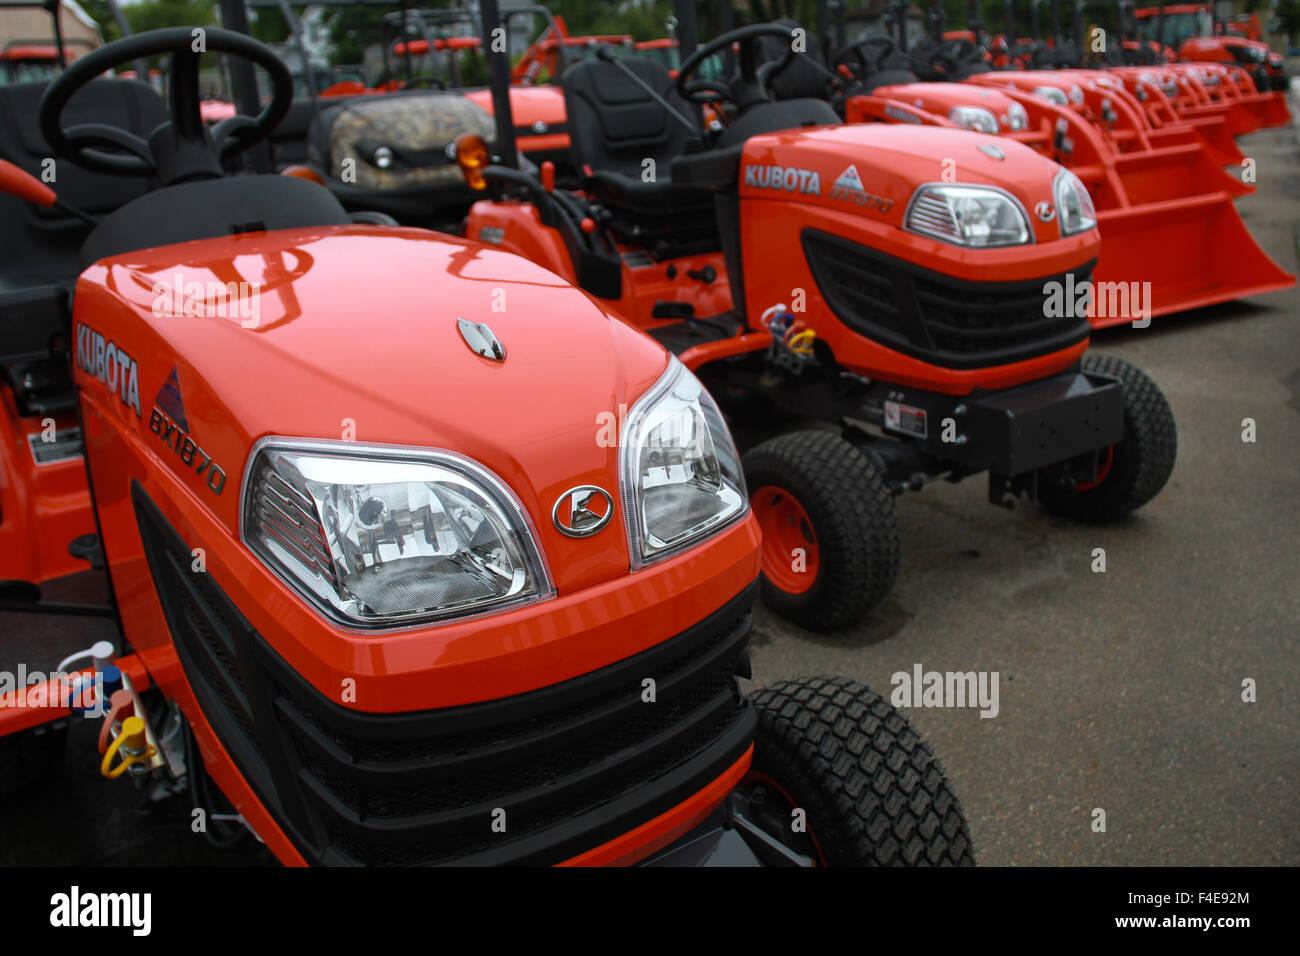 Kubota Stock Photos Amp Kubota Stock Images Alamy